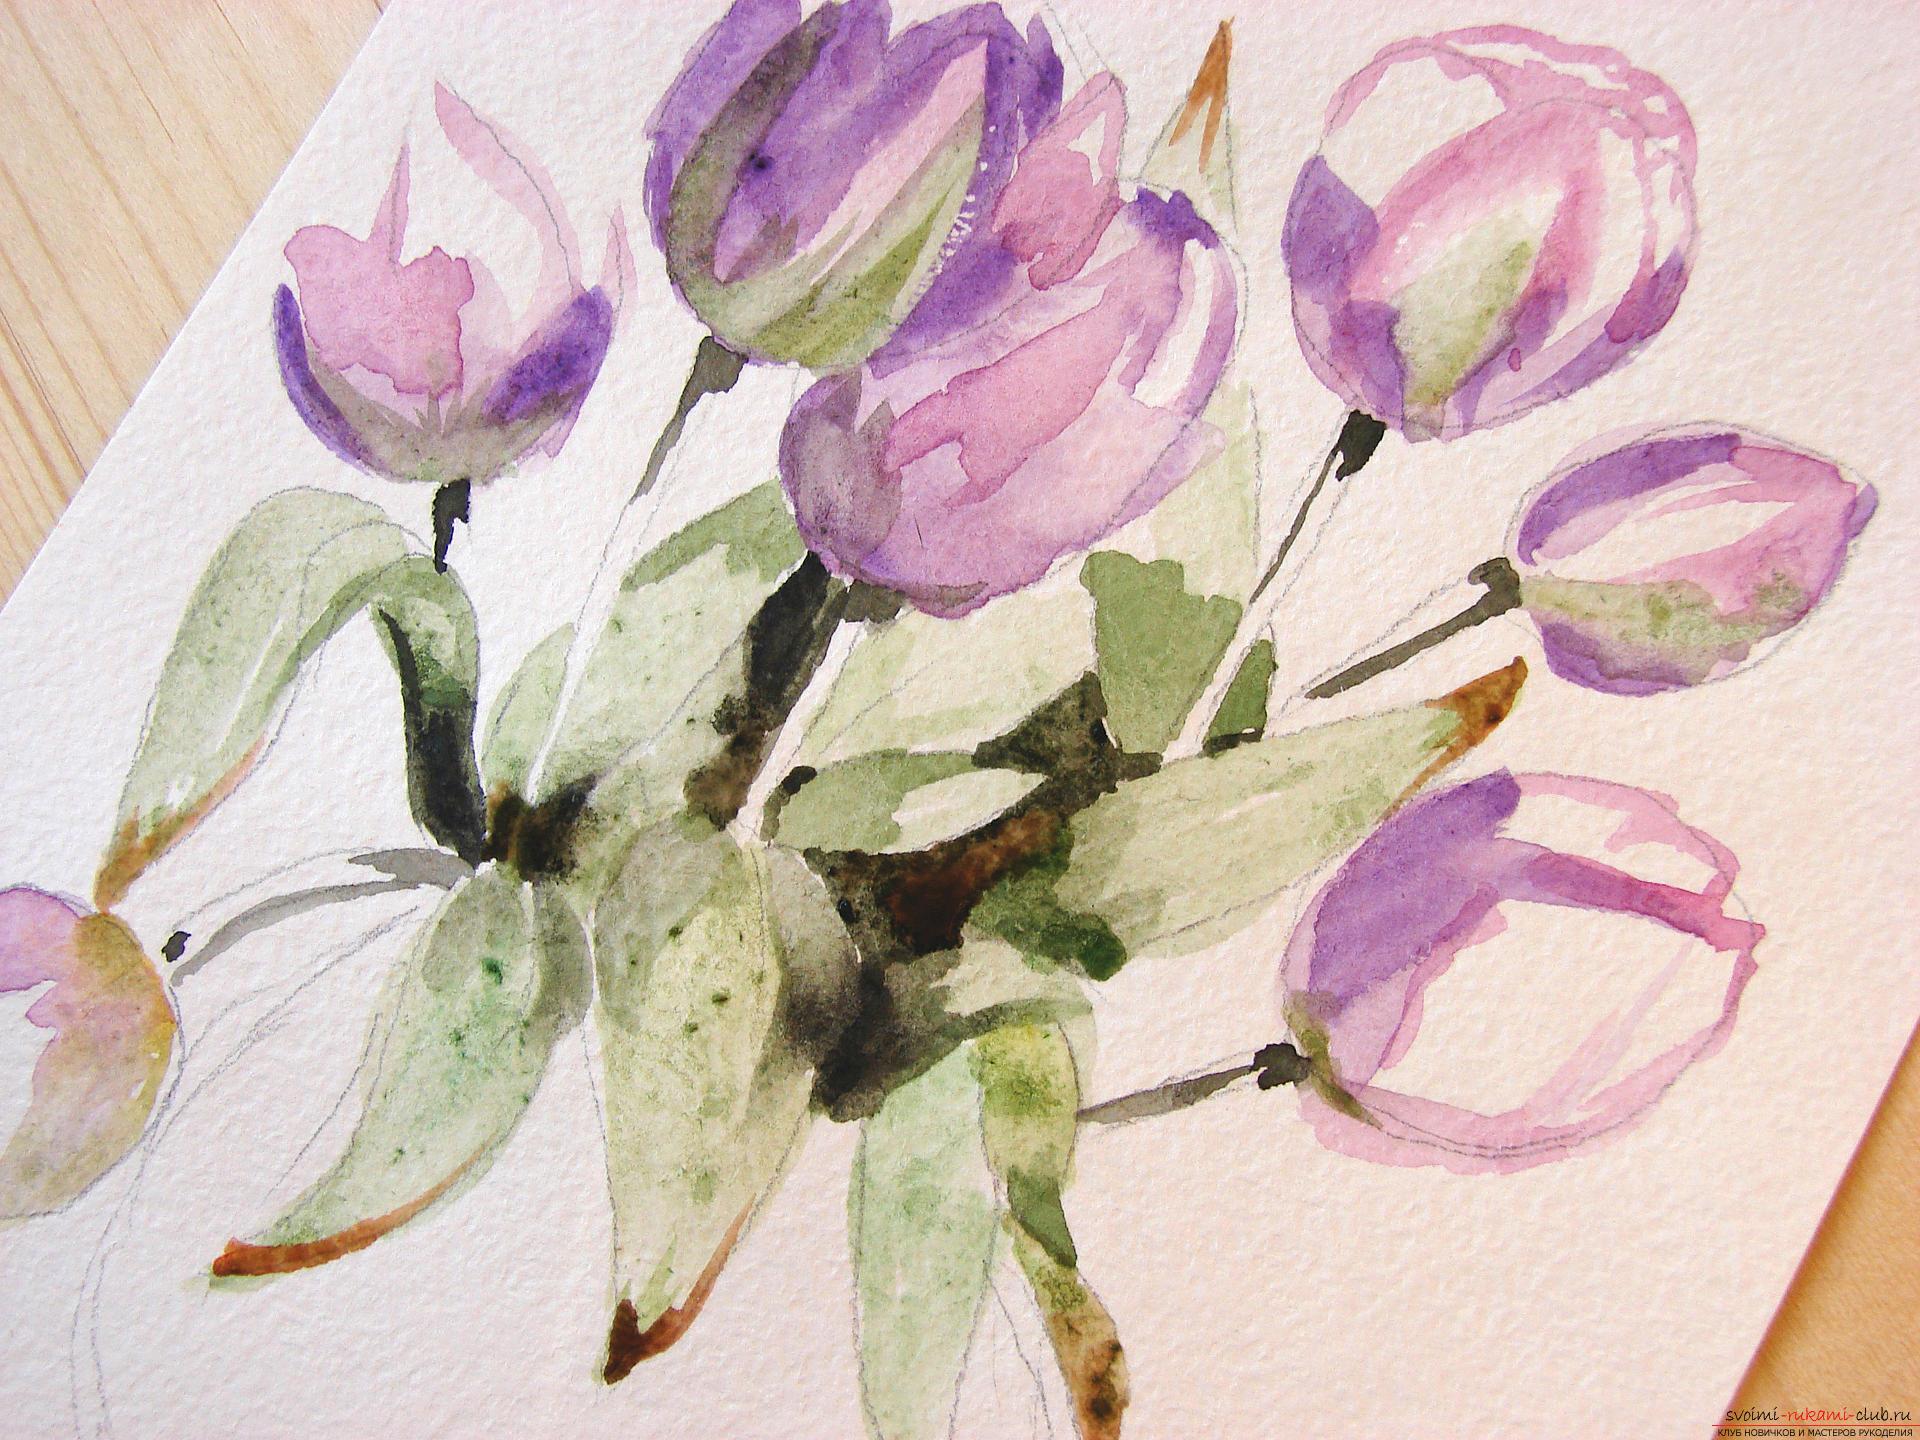 Мастер-класс по рисованию с фото научит как нарисовать цветы, подробно описав как рисуются тюльпаны поэтапно.. Фото №10